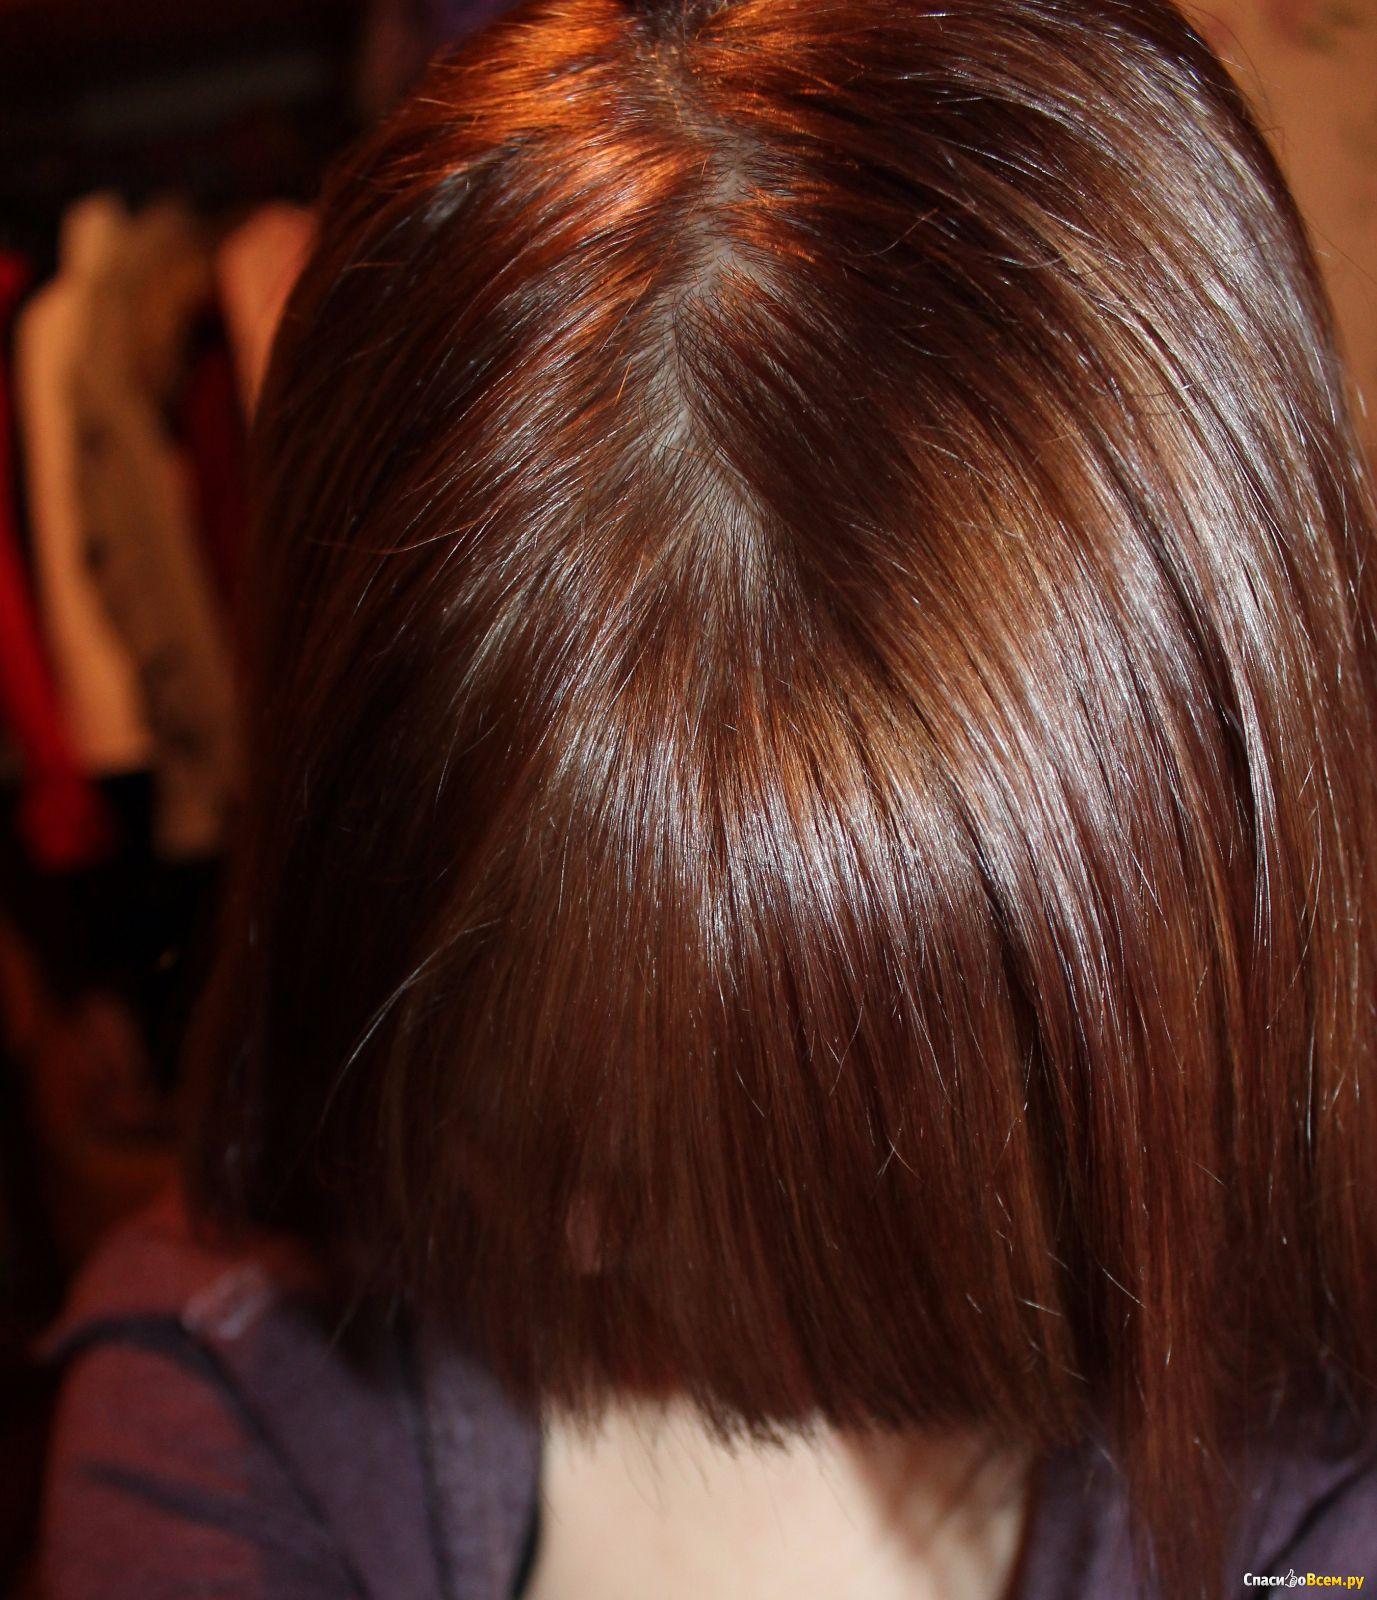 Цвет волос золотистый каштан